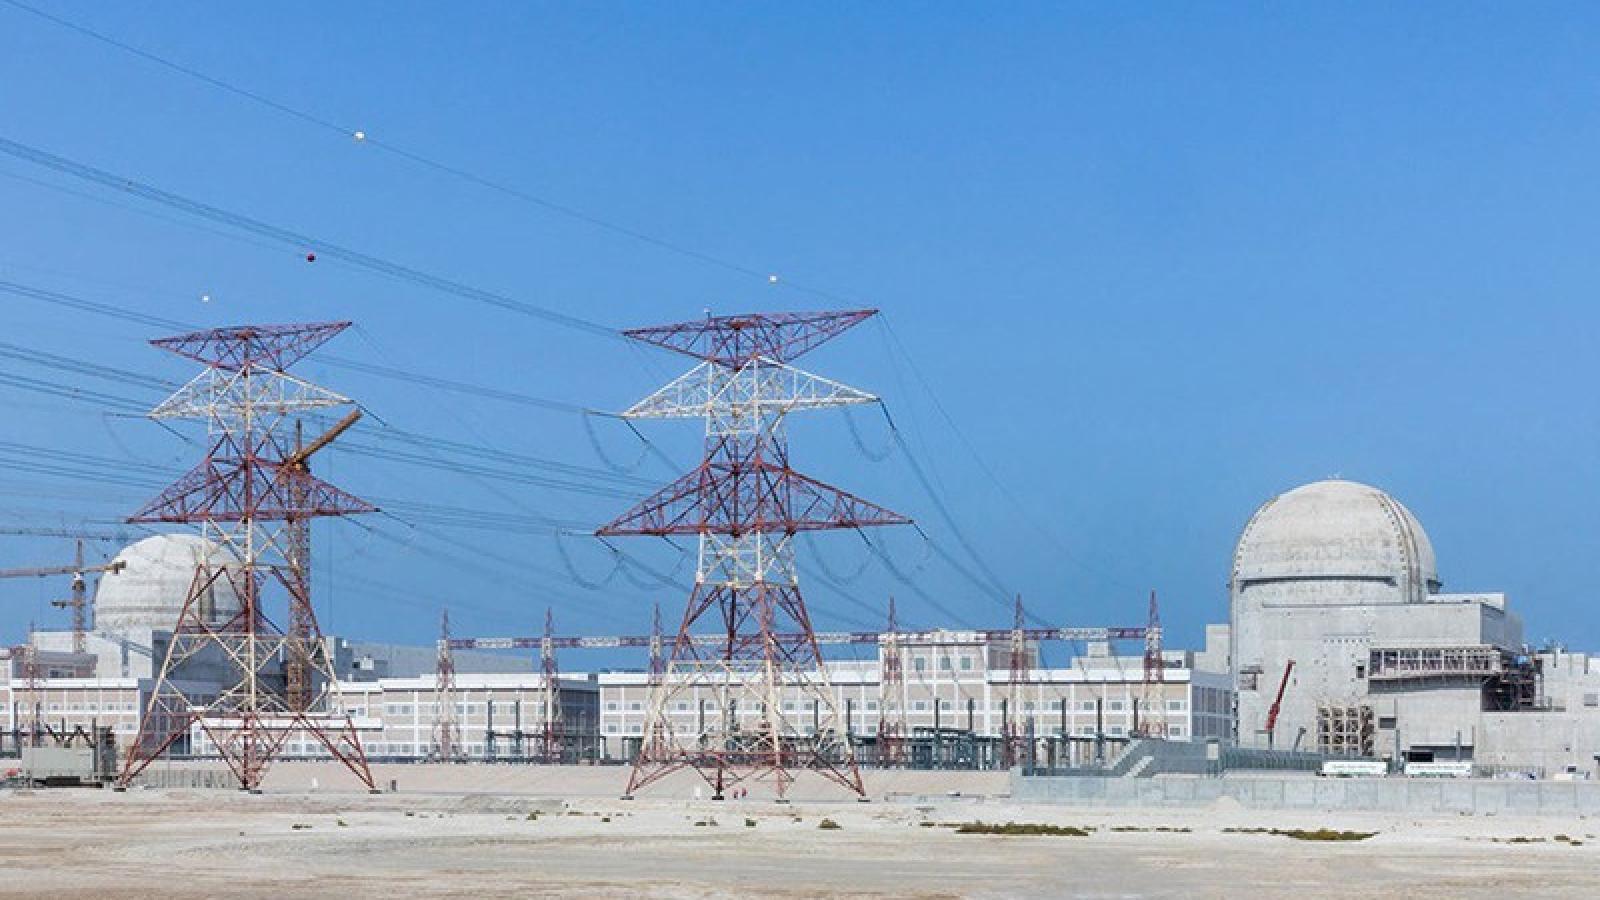 UAE là nước Arab đầu tiên vận hành nhà máy điện hạt nhân